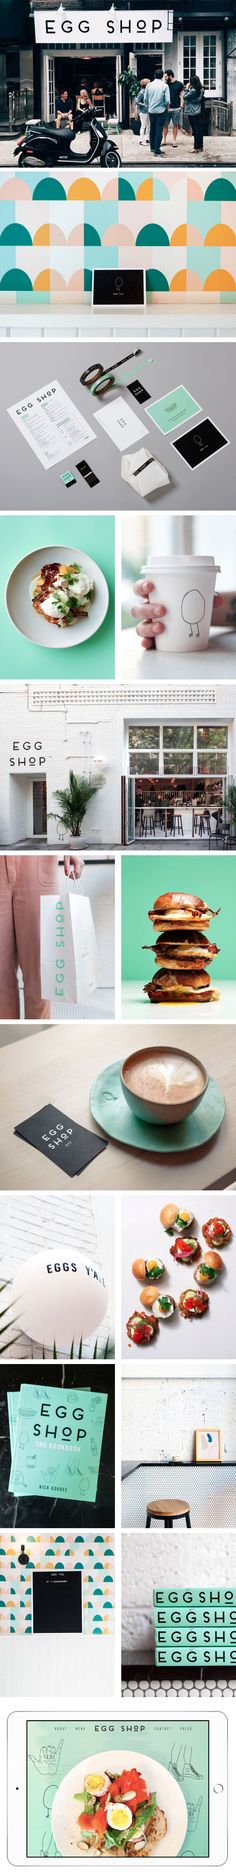 Egg Shop Branding by LMNOP